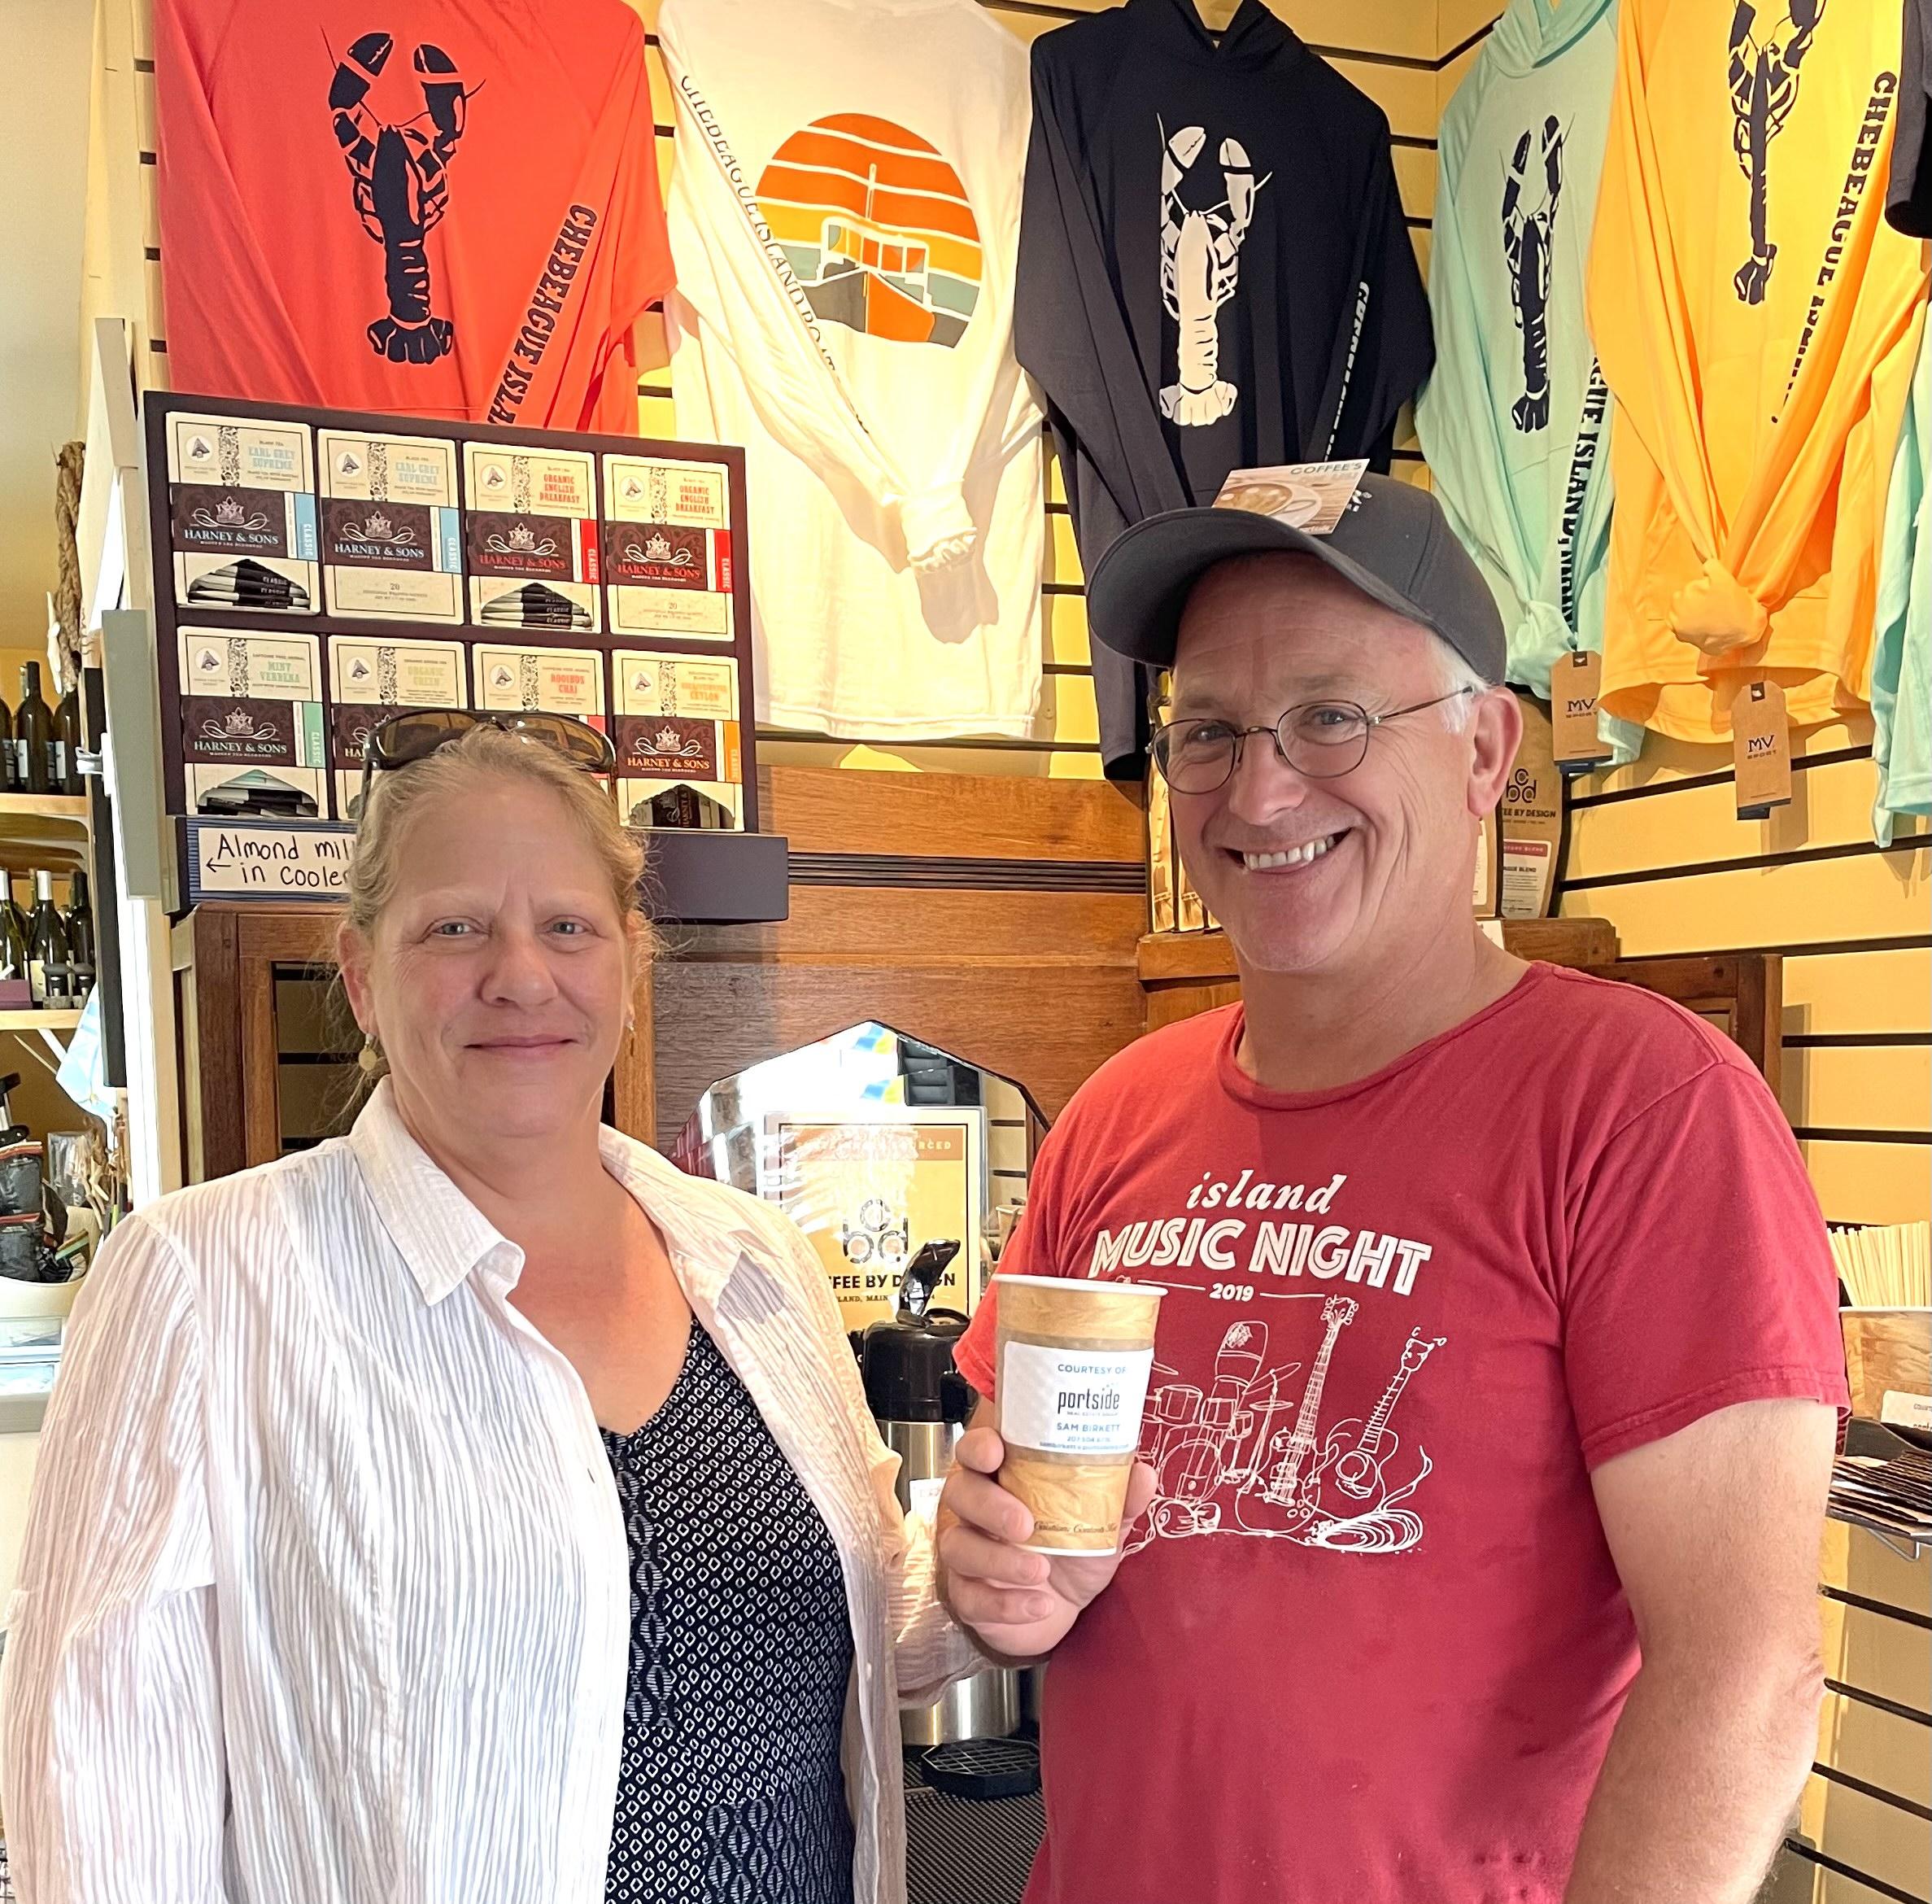 Two people standing enjoying cofee